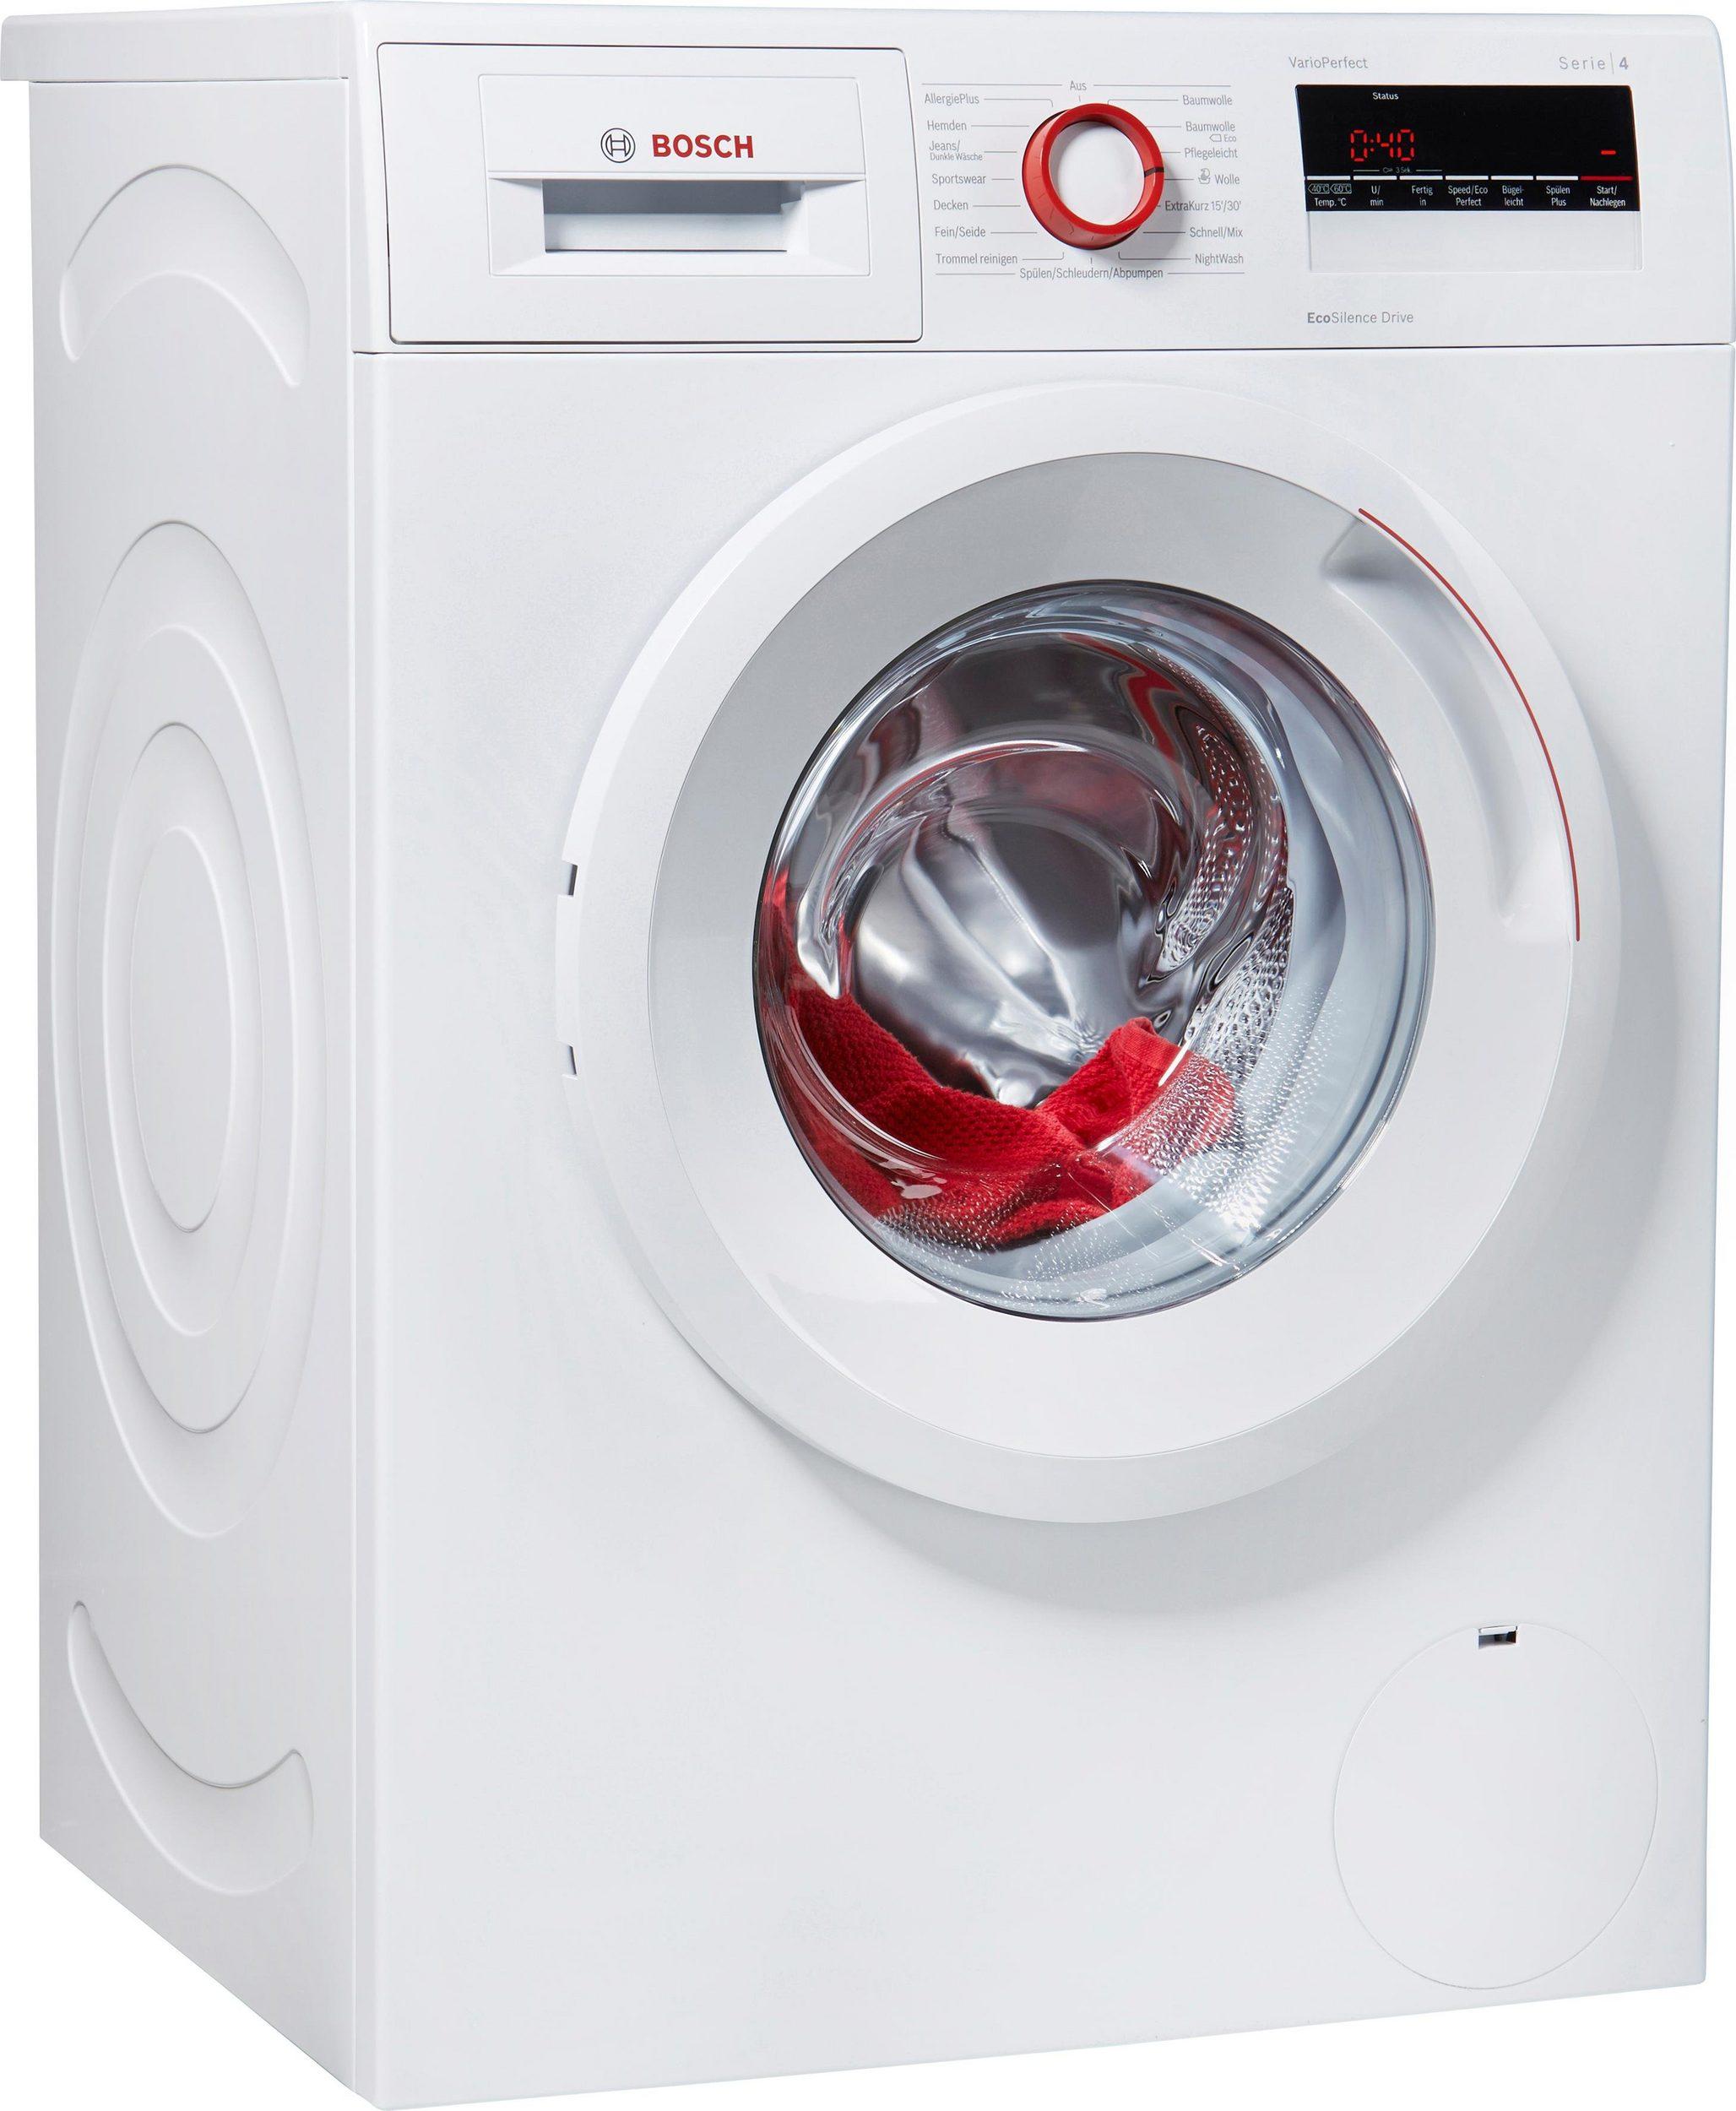 37 sparen bosch waschmaschine doreen wan282v8 nur 399. Black Bedroom Furniture Sets. Home Design Ideas